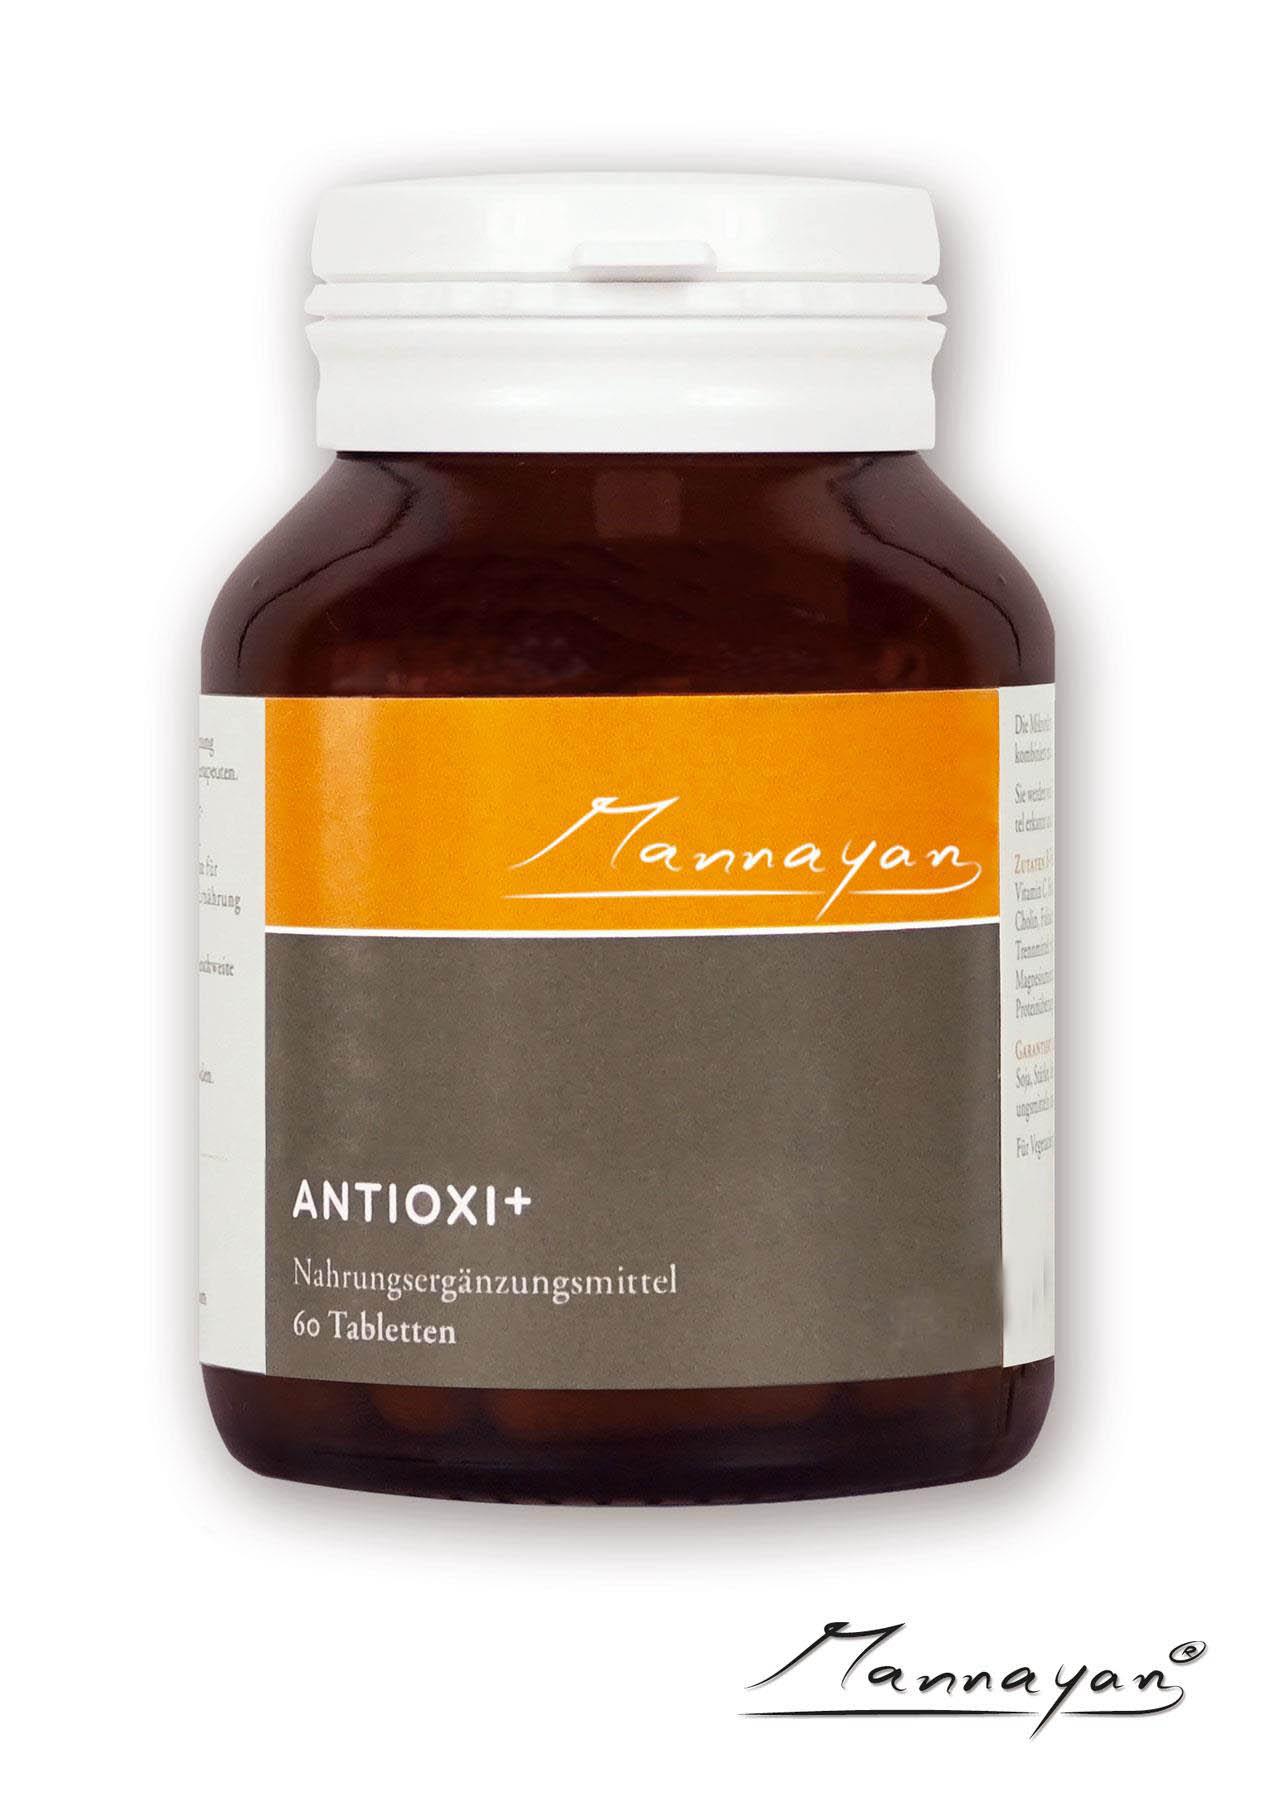 Antioxi + von Mannayan